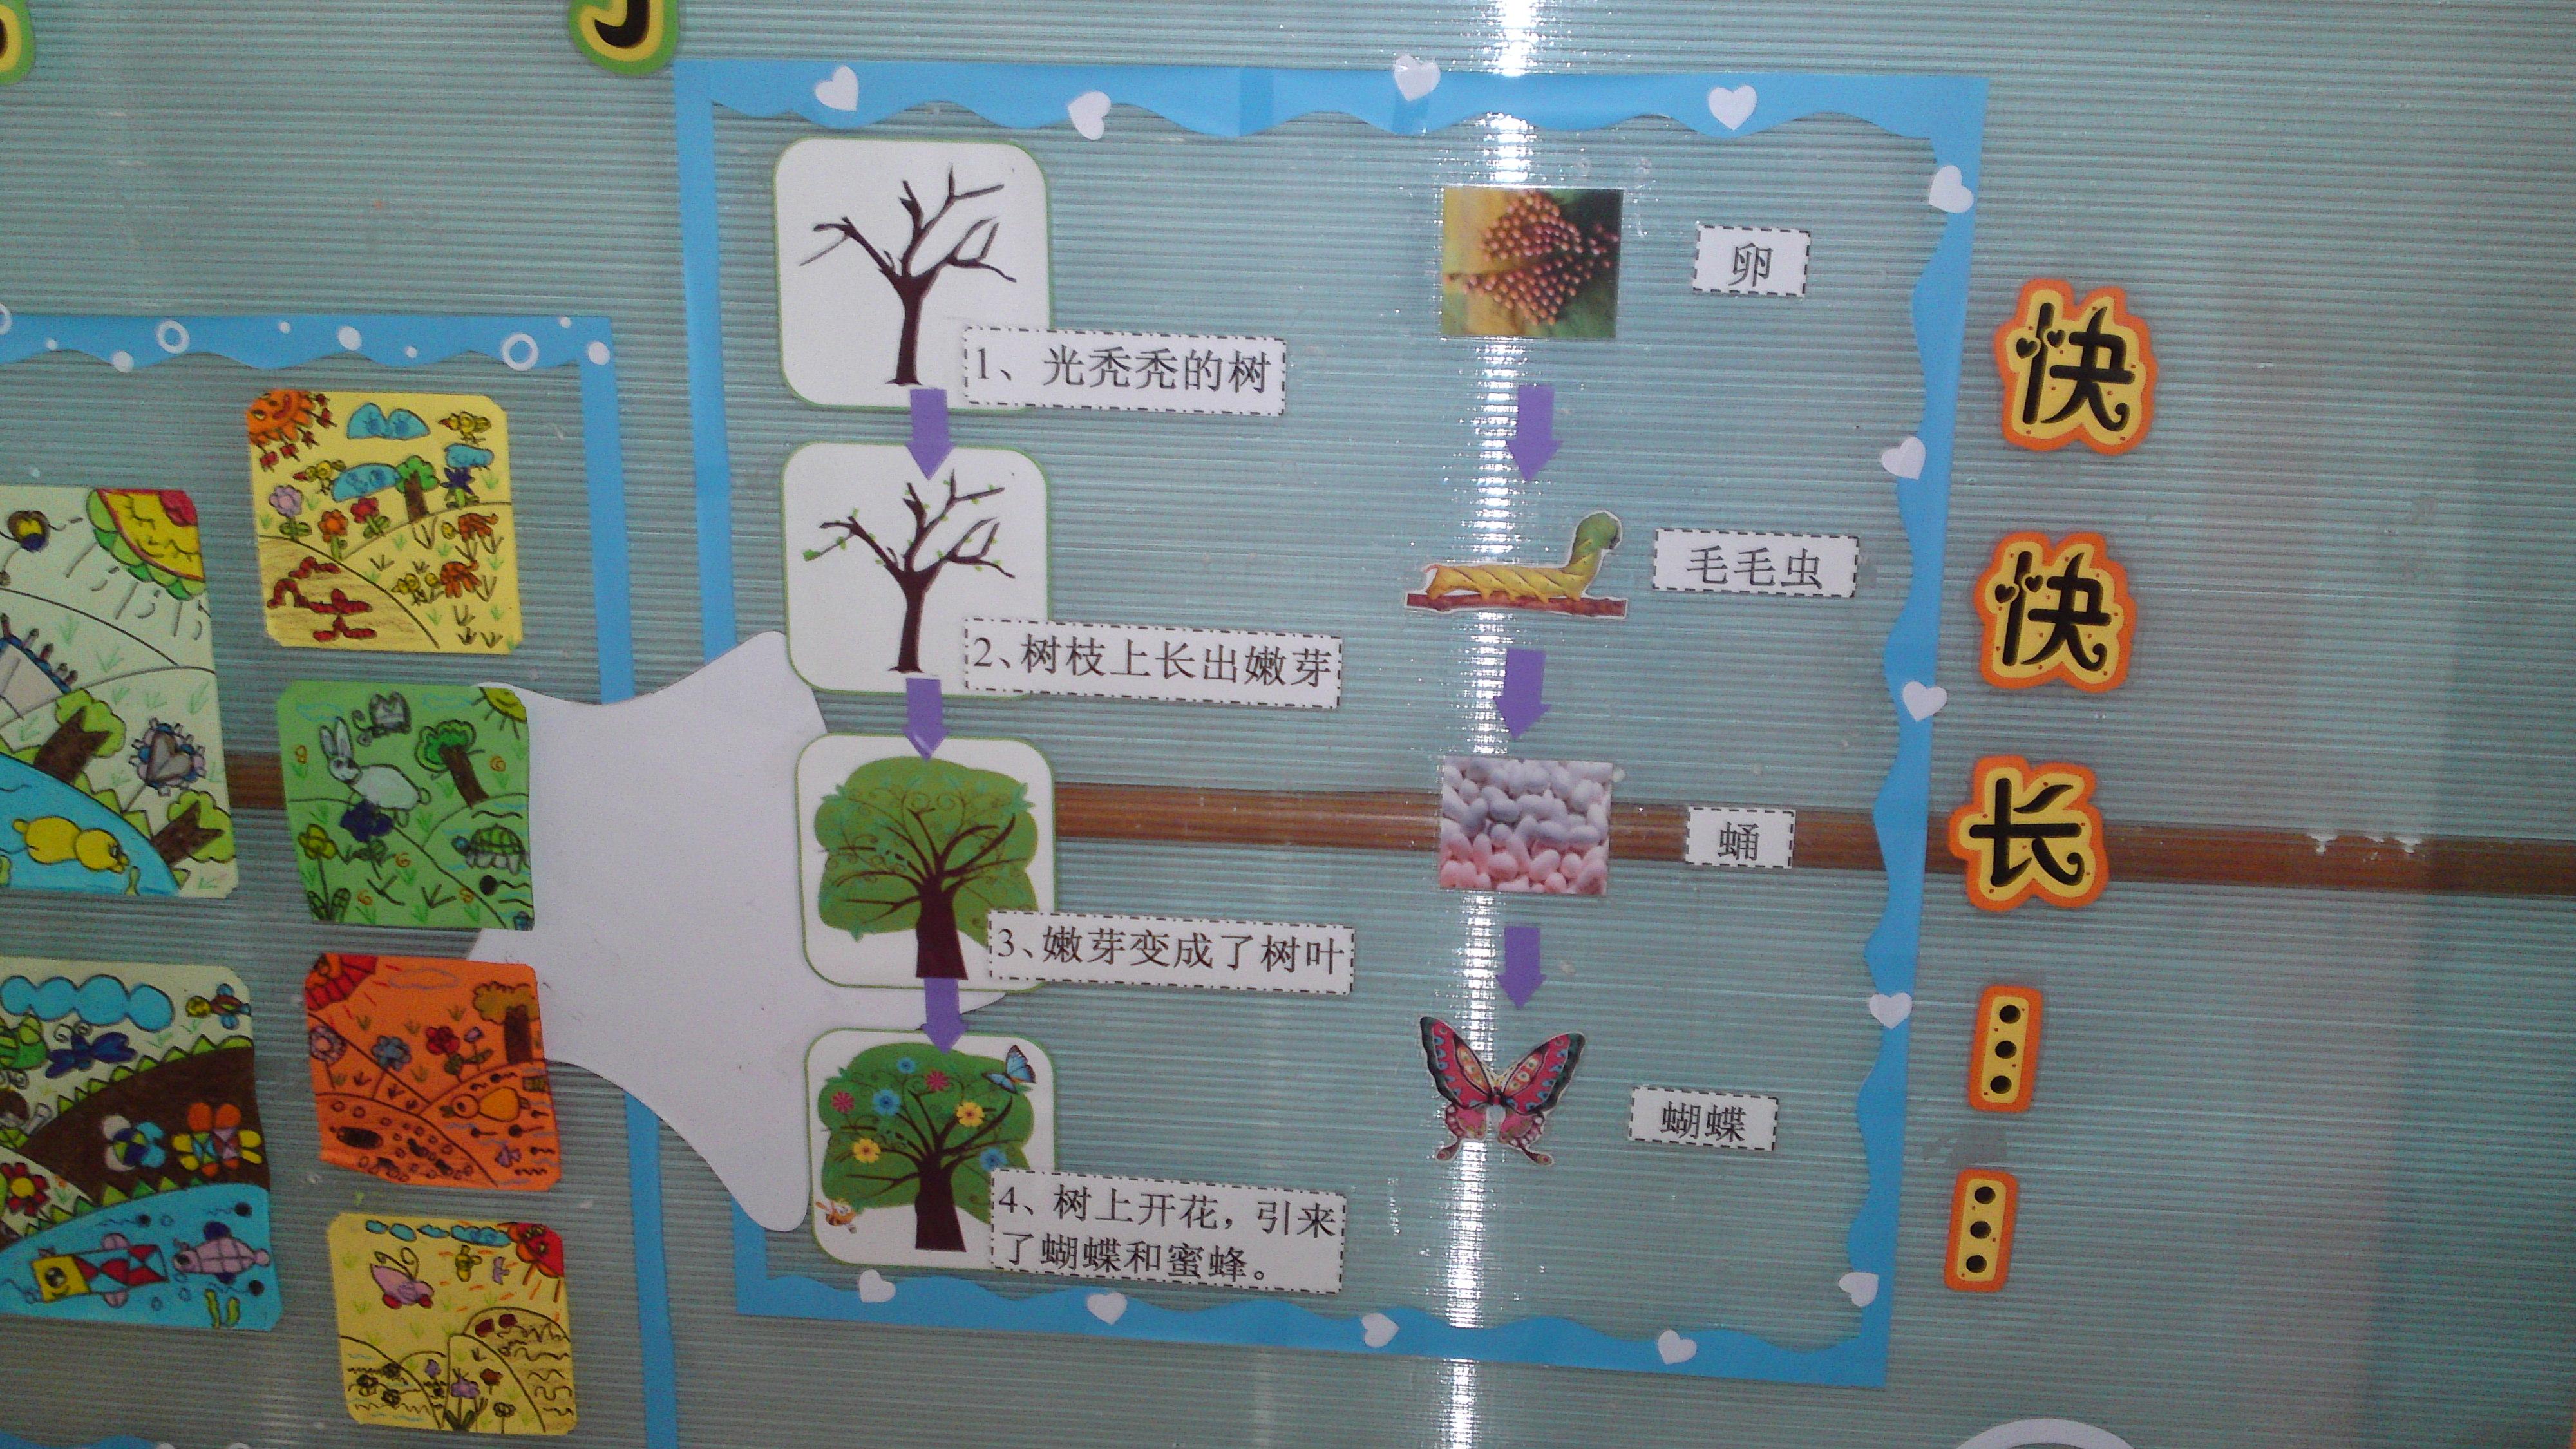 春天主题墙设计及制作方案图片